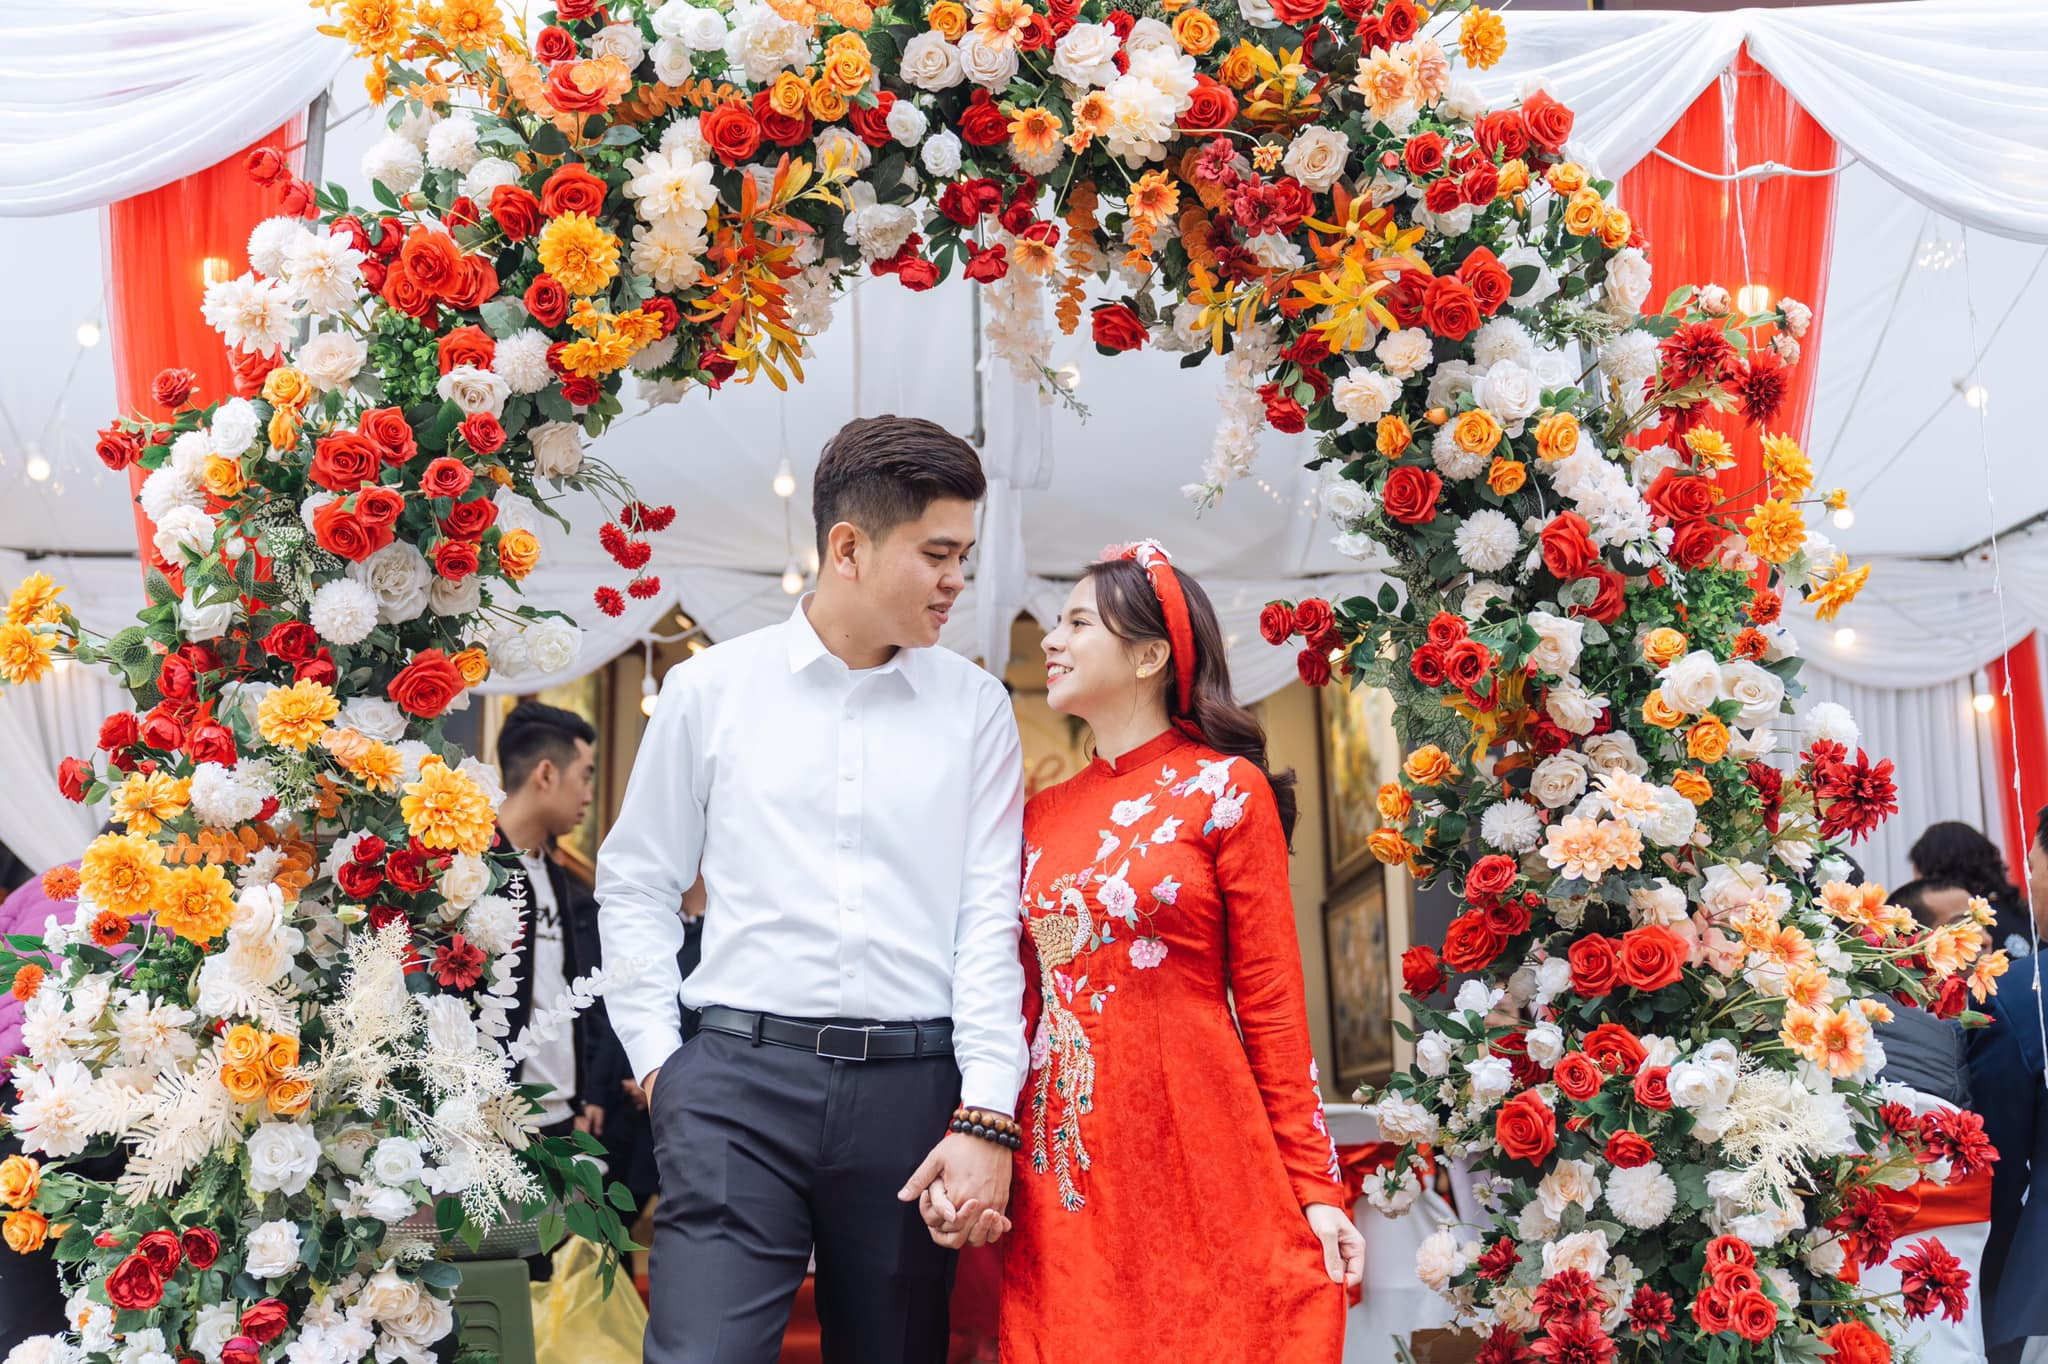 Chuyện tình đẹp trong khu cách ly của chàng y sĩ và cô du học sinh Hà thành - 3